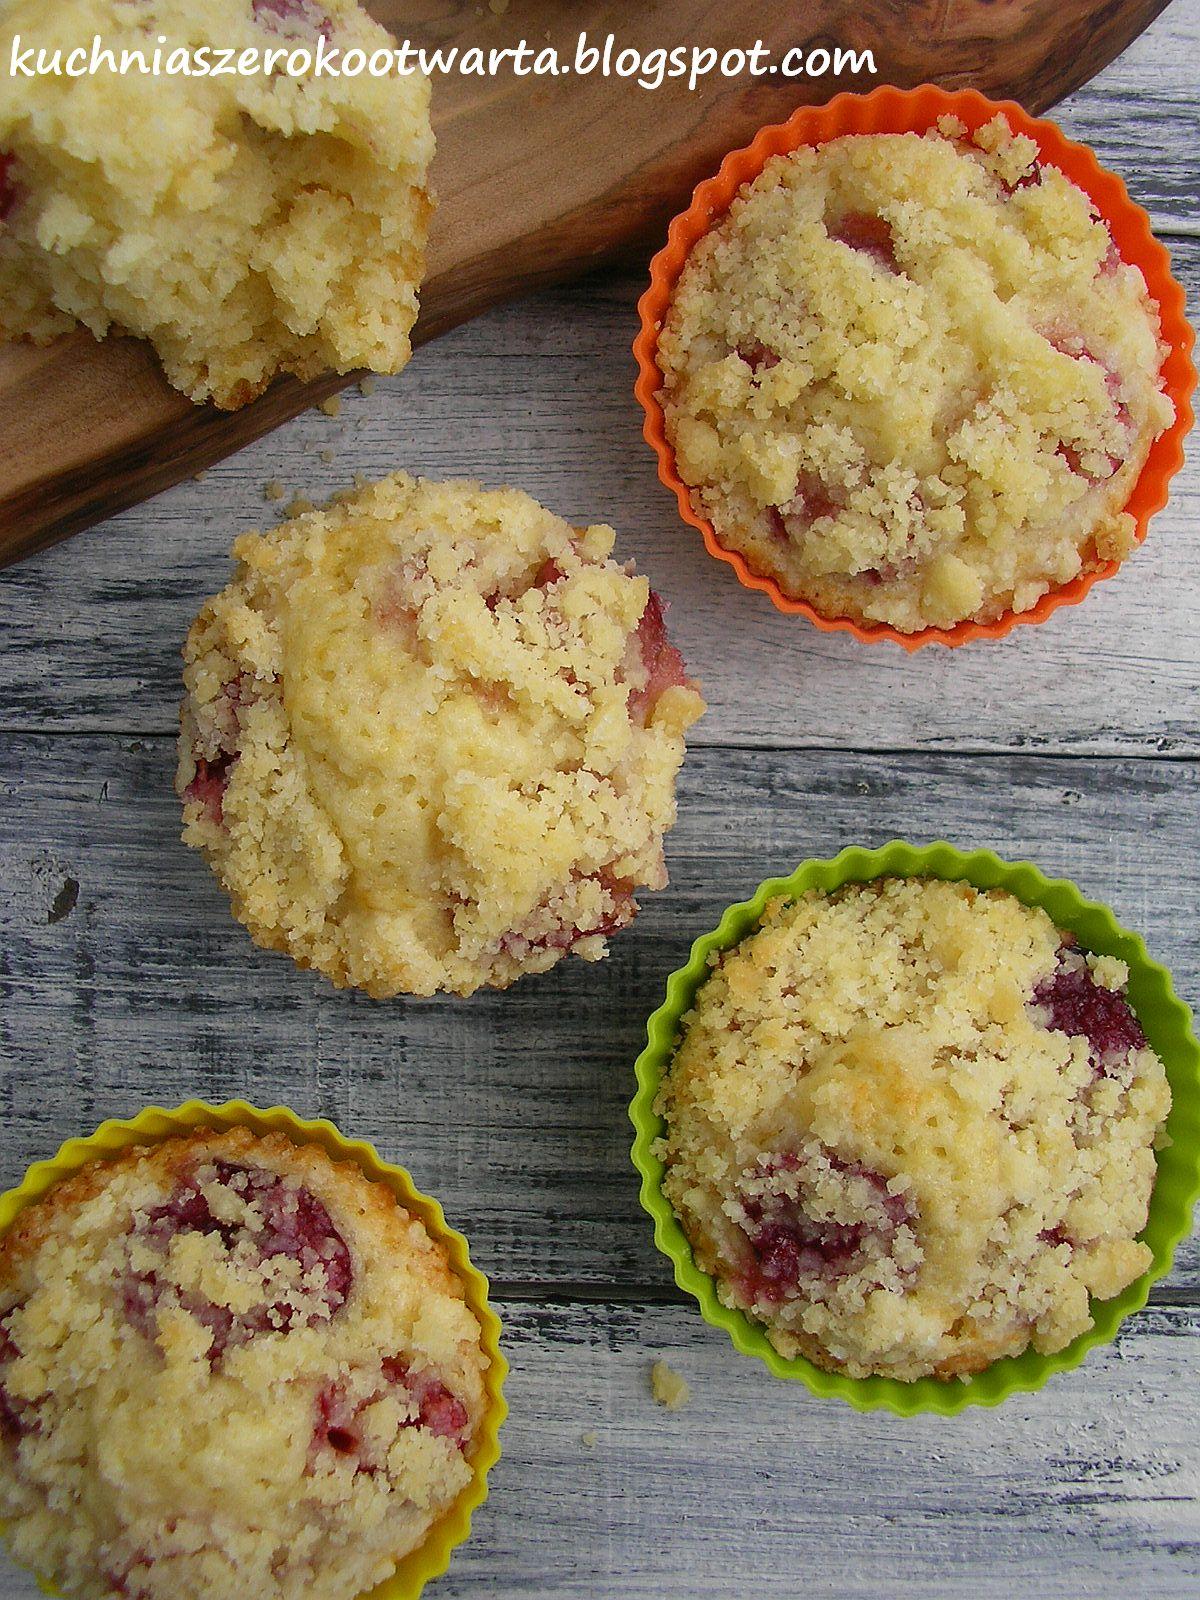 Kuchnia Szeroko Otwarta Muffinki Z Czeresniami I Kruszonka